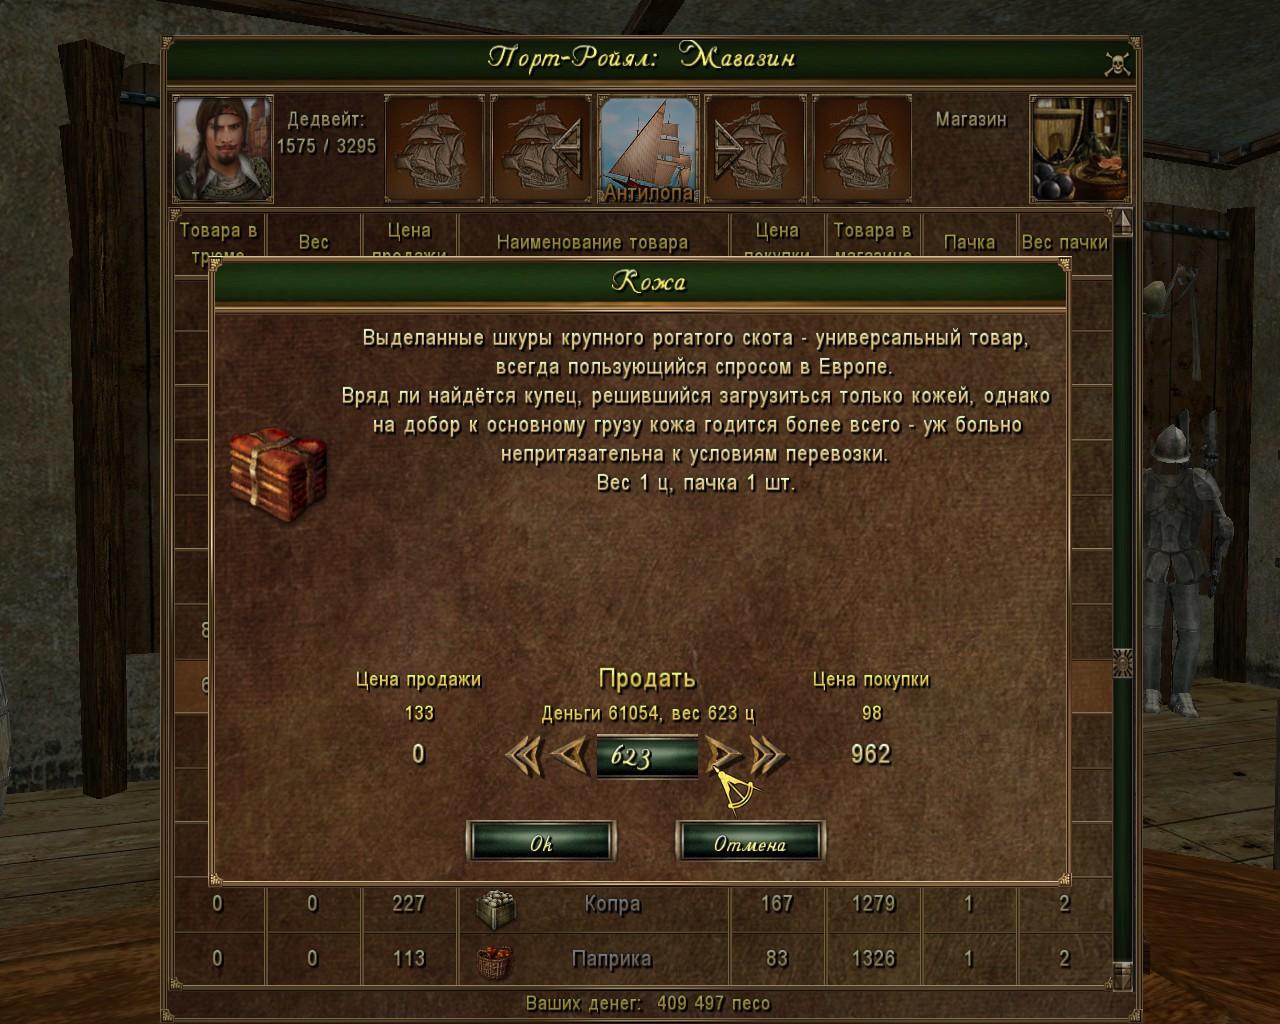 корсары город потерянных кораблей как заработать деньги в начале игры